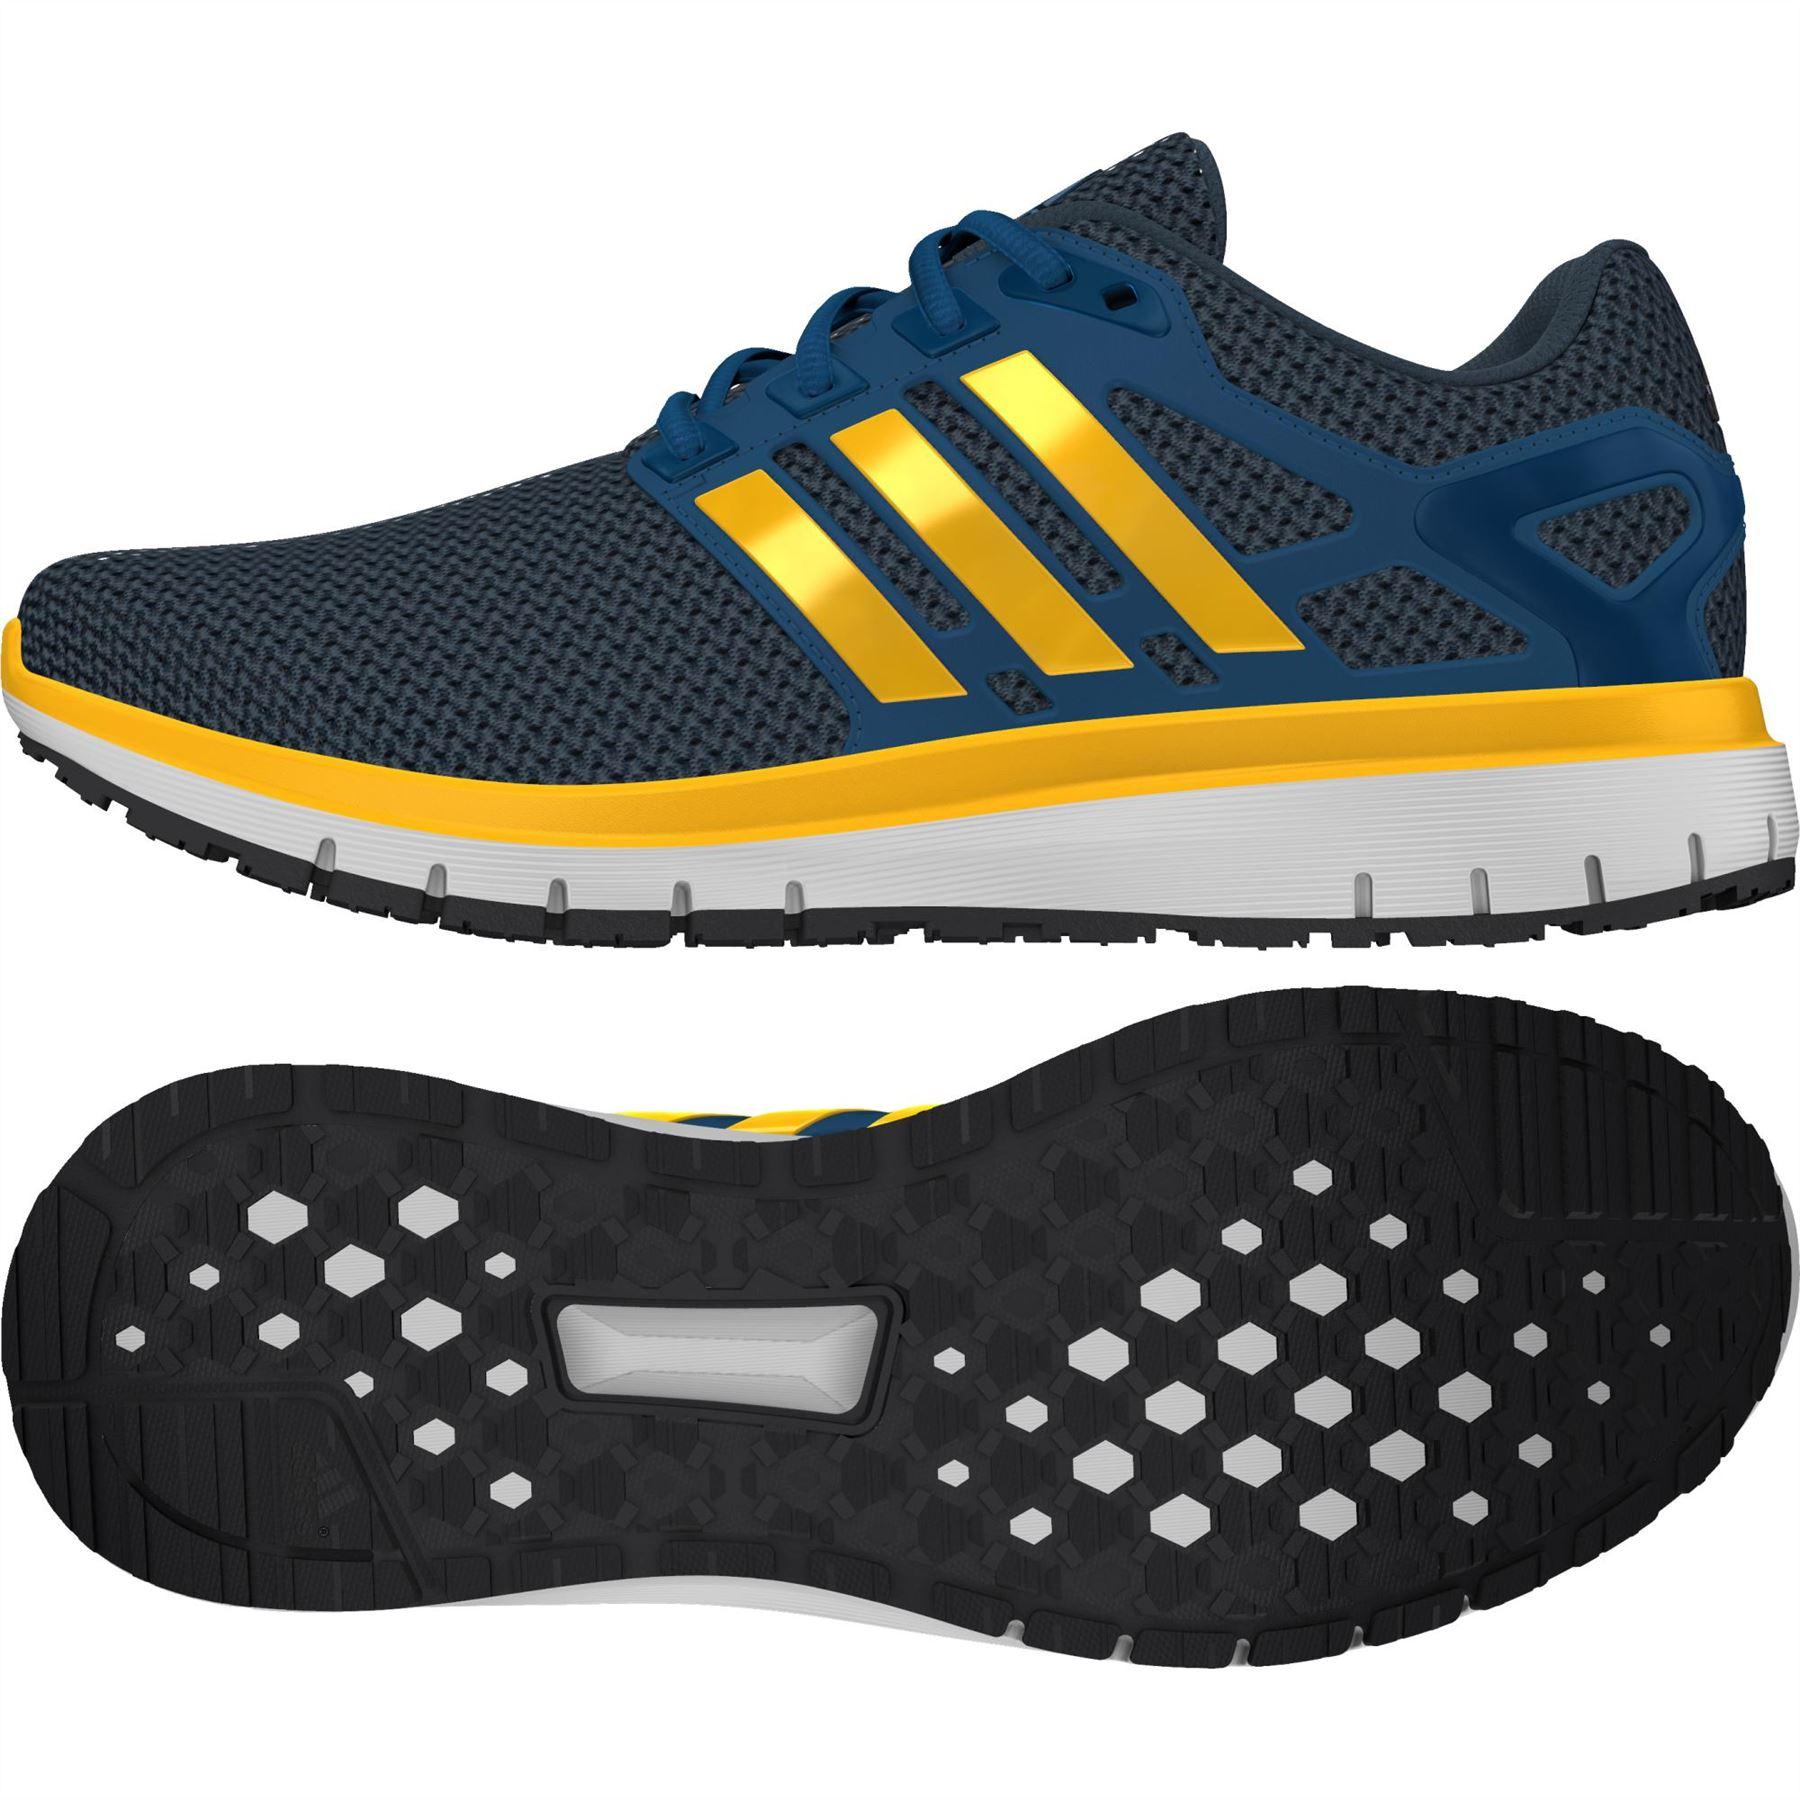 best service 50dfd 5a822 ... Adidas energía nube WTC zapatillas hombres azul amarillo Fitness zapatillas  zapatillas